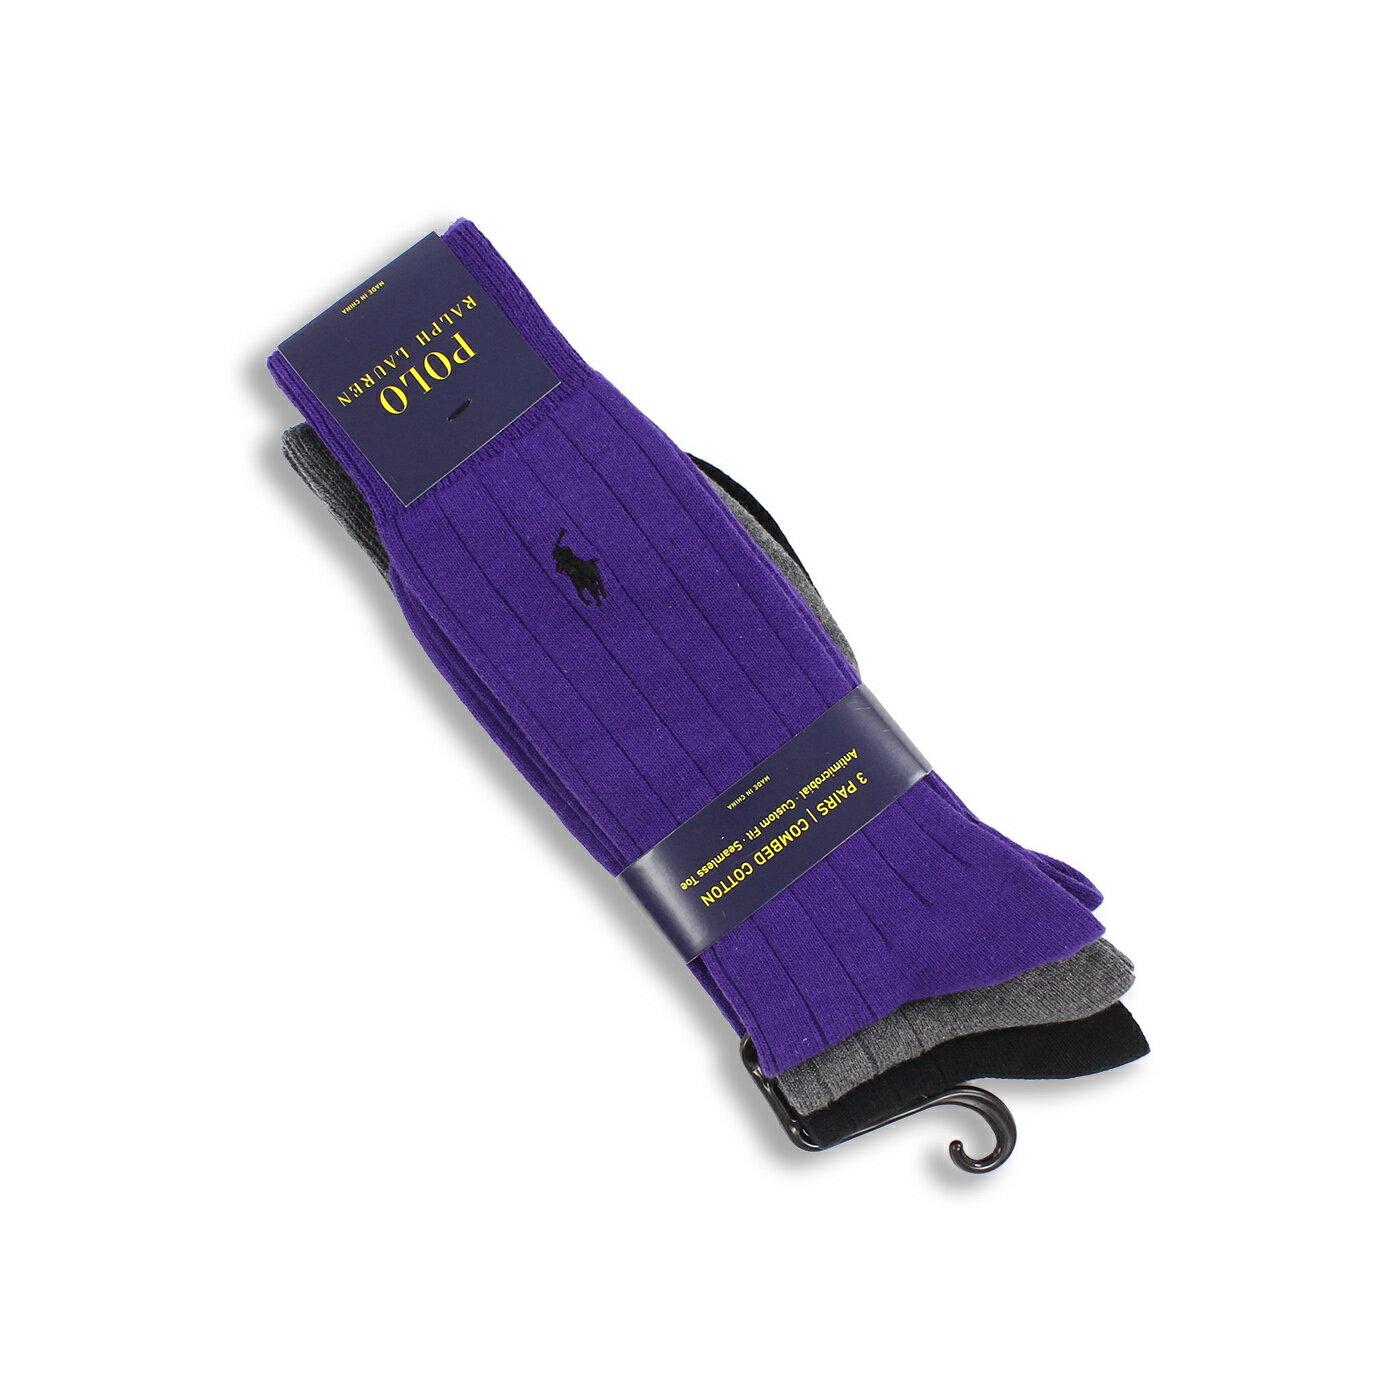 美國百分百【全新真品】Ralph Lauren 襪子 中筒 長筒 短襪 RL POLO 黑 紫 灰 三件裝 現貨 男襪